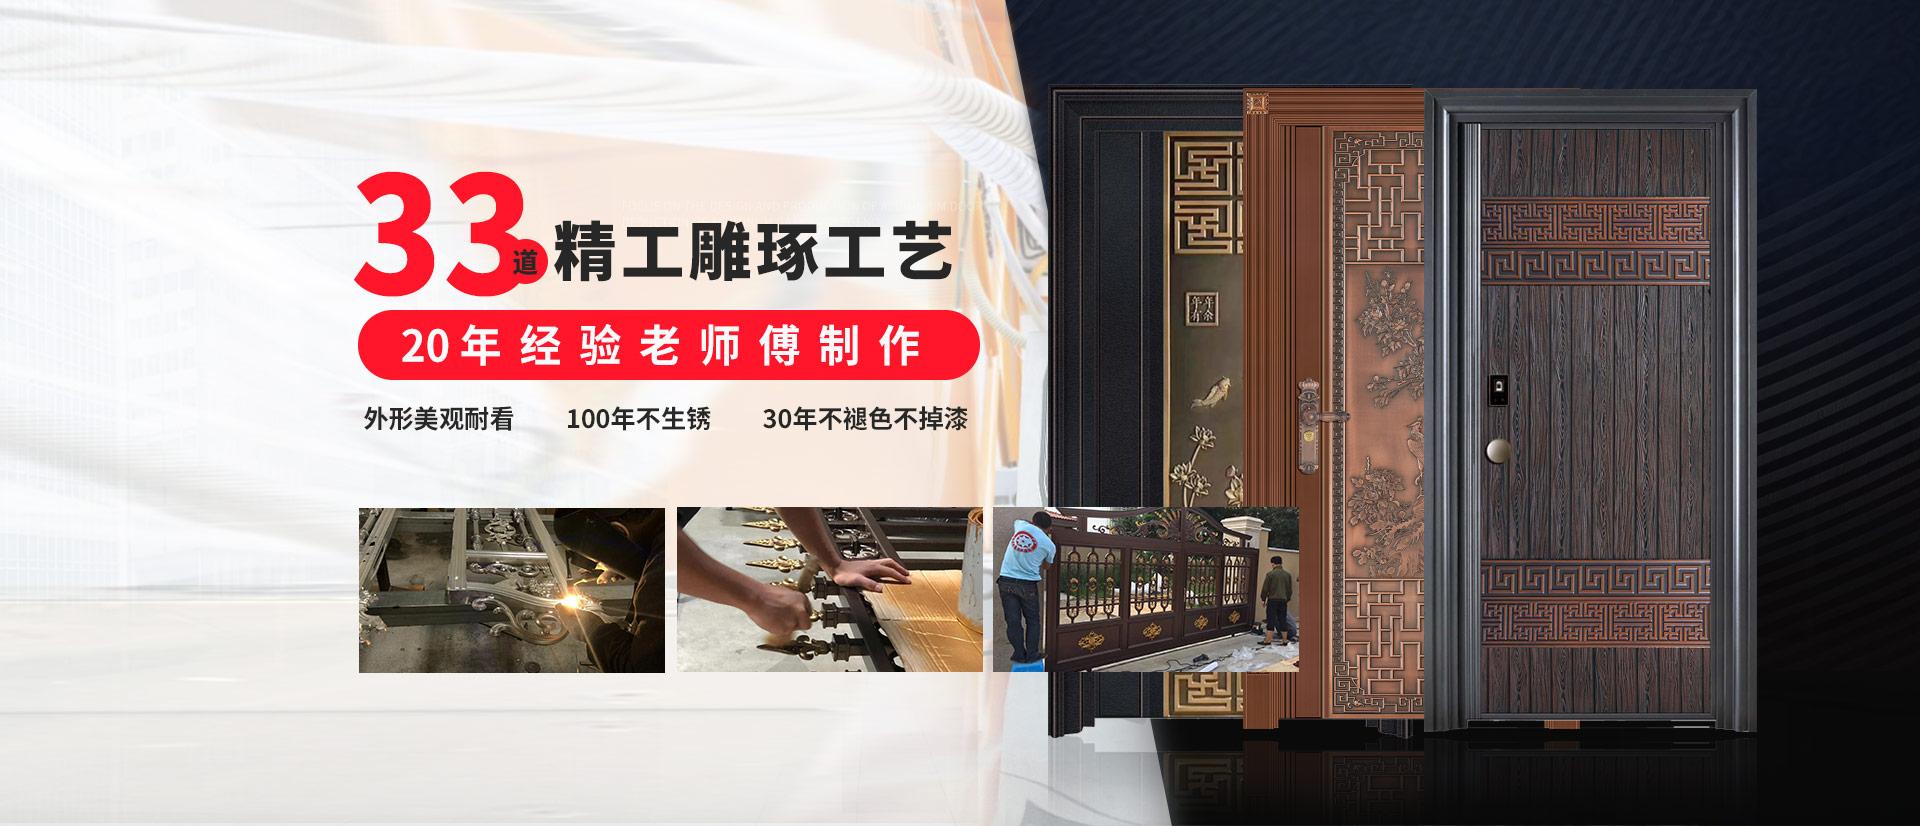 汉仁铝艺别墅大门厂家33道精工雕琢工艺 · 20年经验老师傅制作